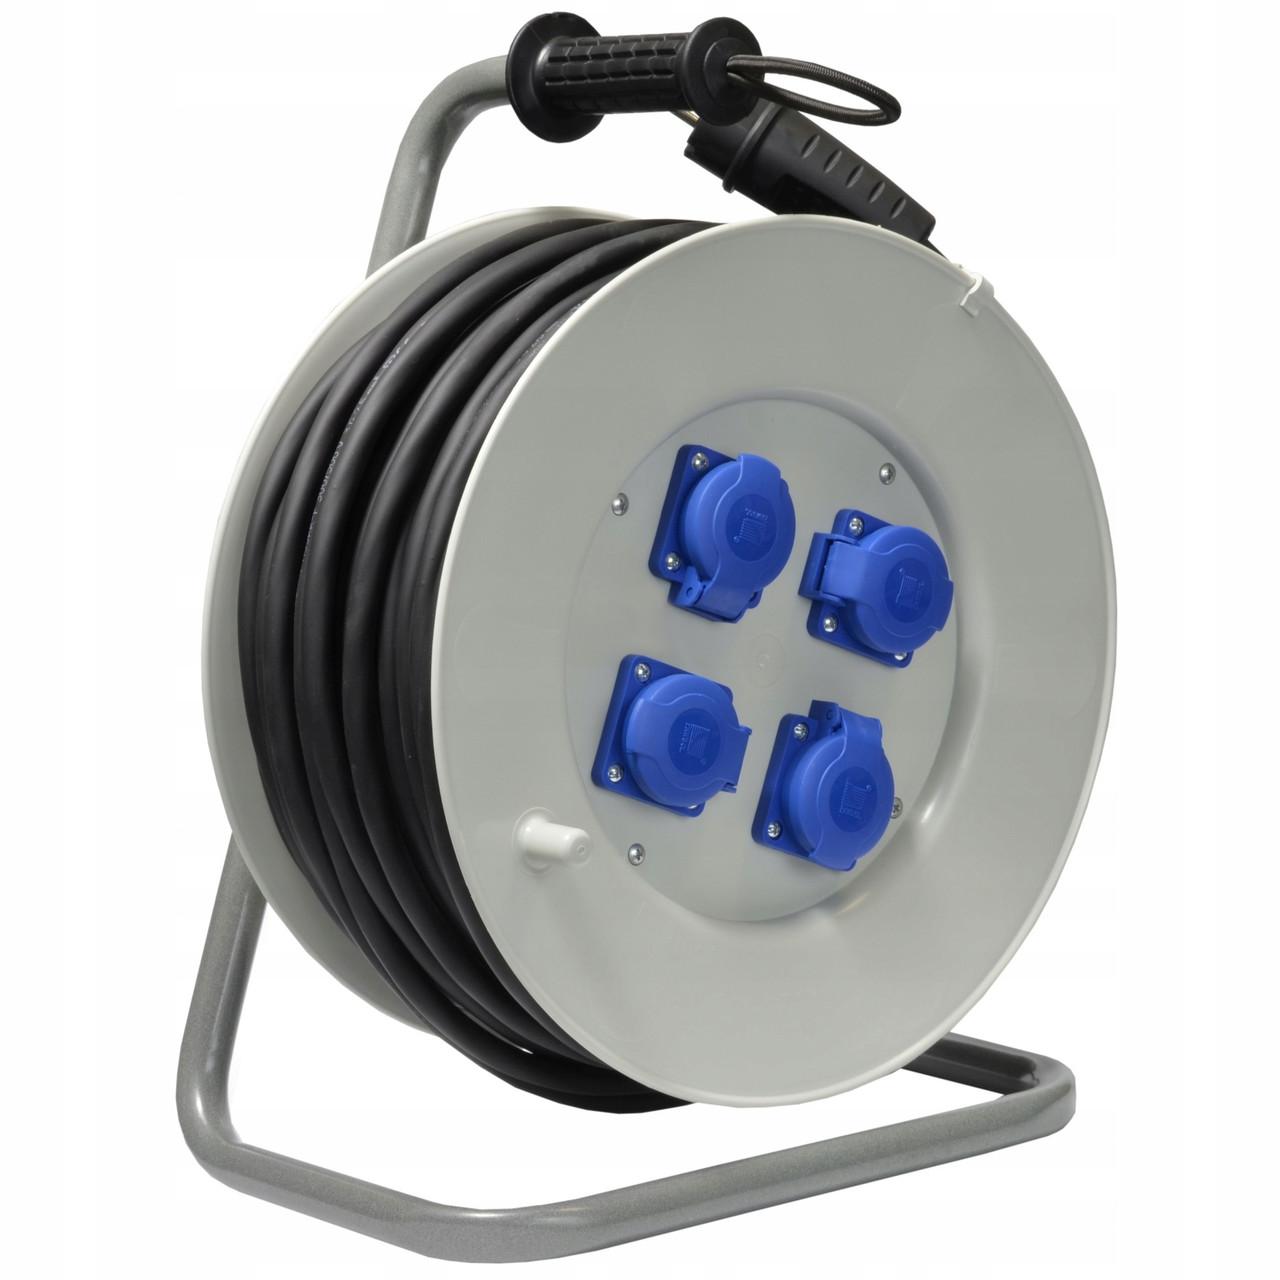 Удлинитель электрический на катушке 4 гнезда 40 м кабель КГНВ 3х1.5 мм²